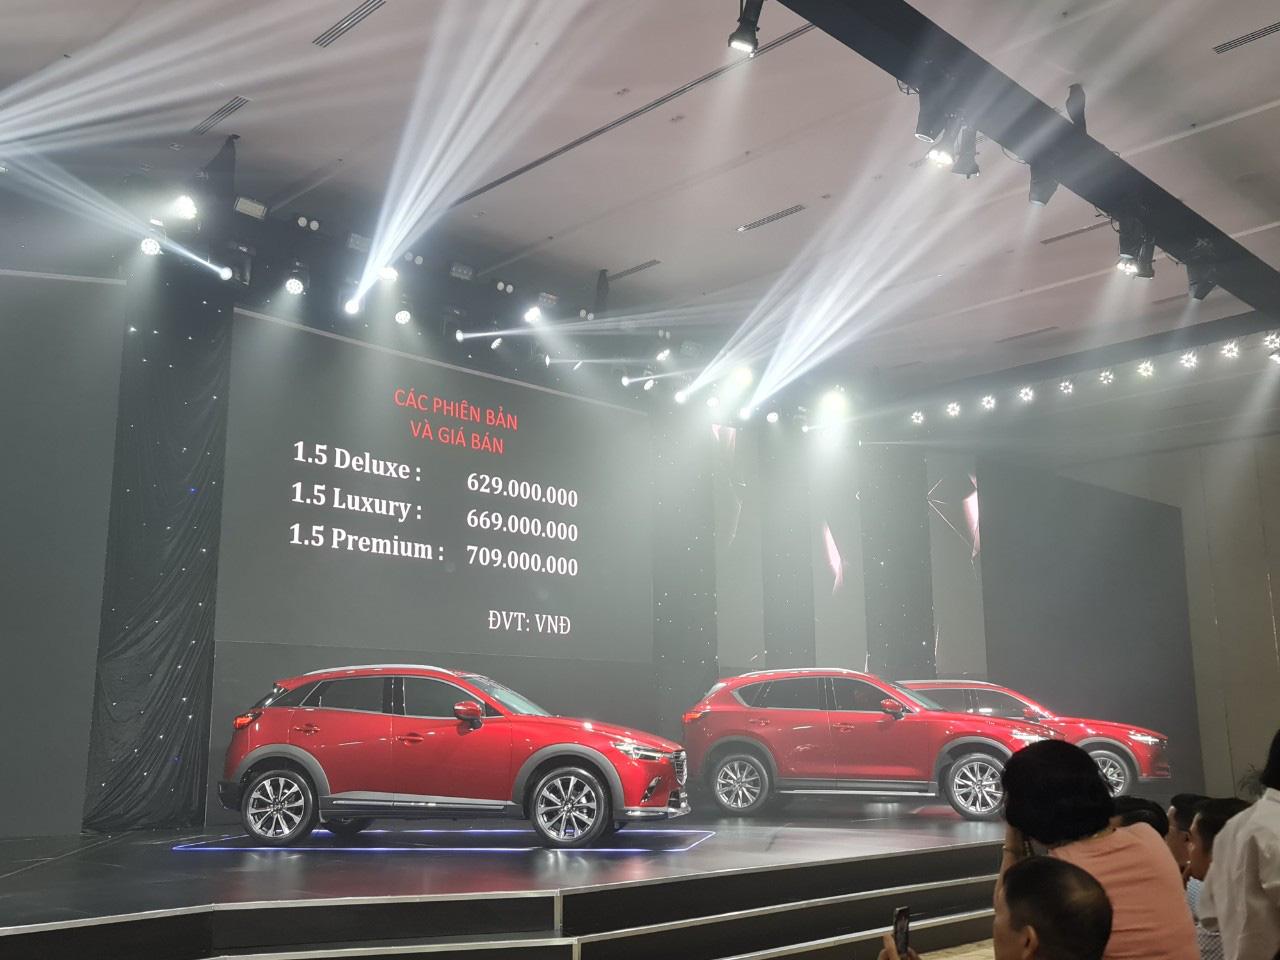 """Quảng Nam: Tỷ phú Trần Bá Dương ra dòng xe Mazda CX-30 """"thế hệ mới - đẳng cấp mới"""".   - Ảnh 2."""